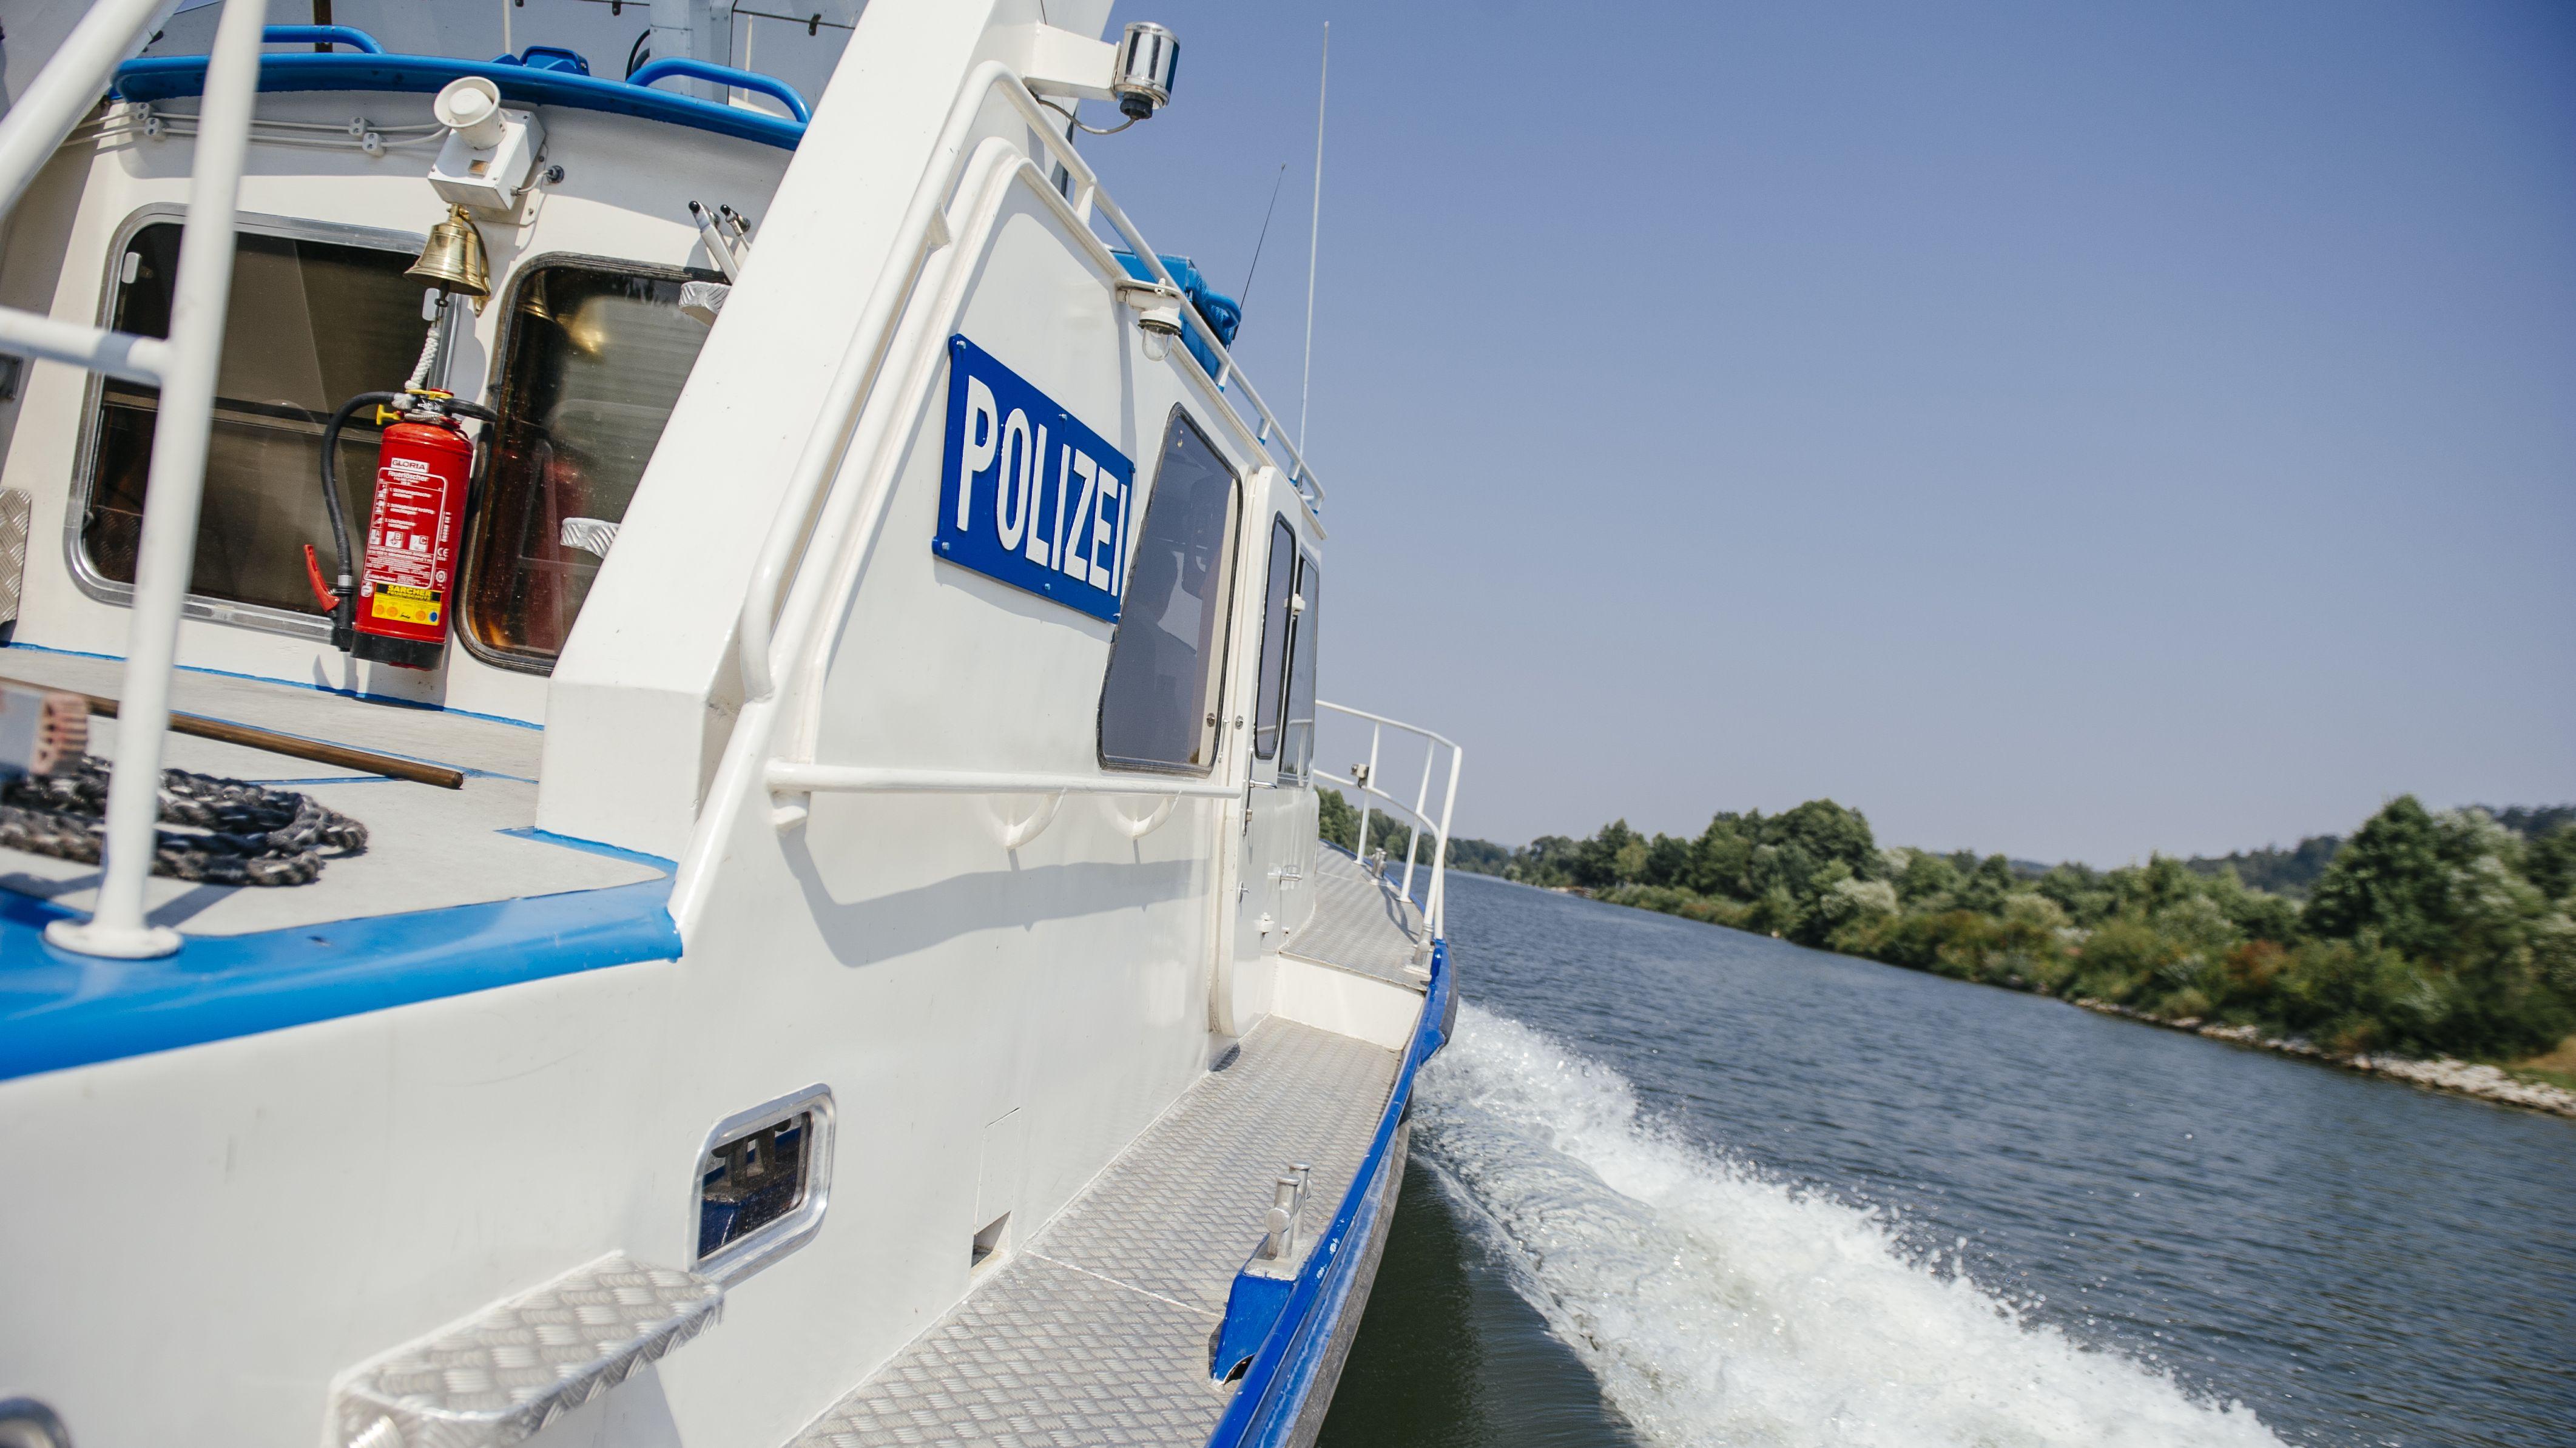 Polizeiboot auf der Donau (Symbolbild)